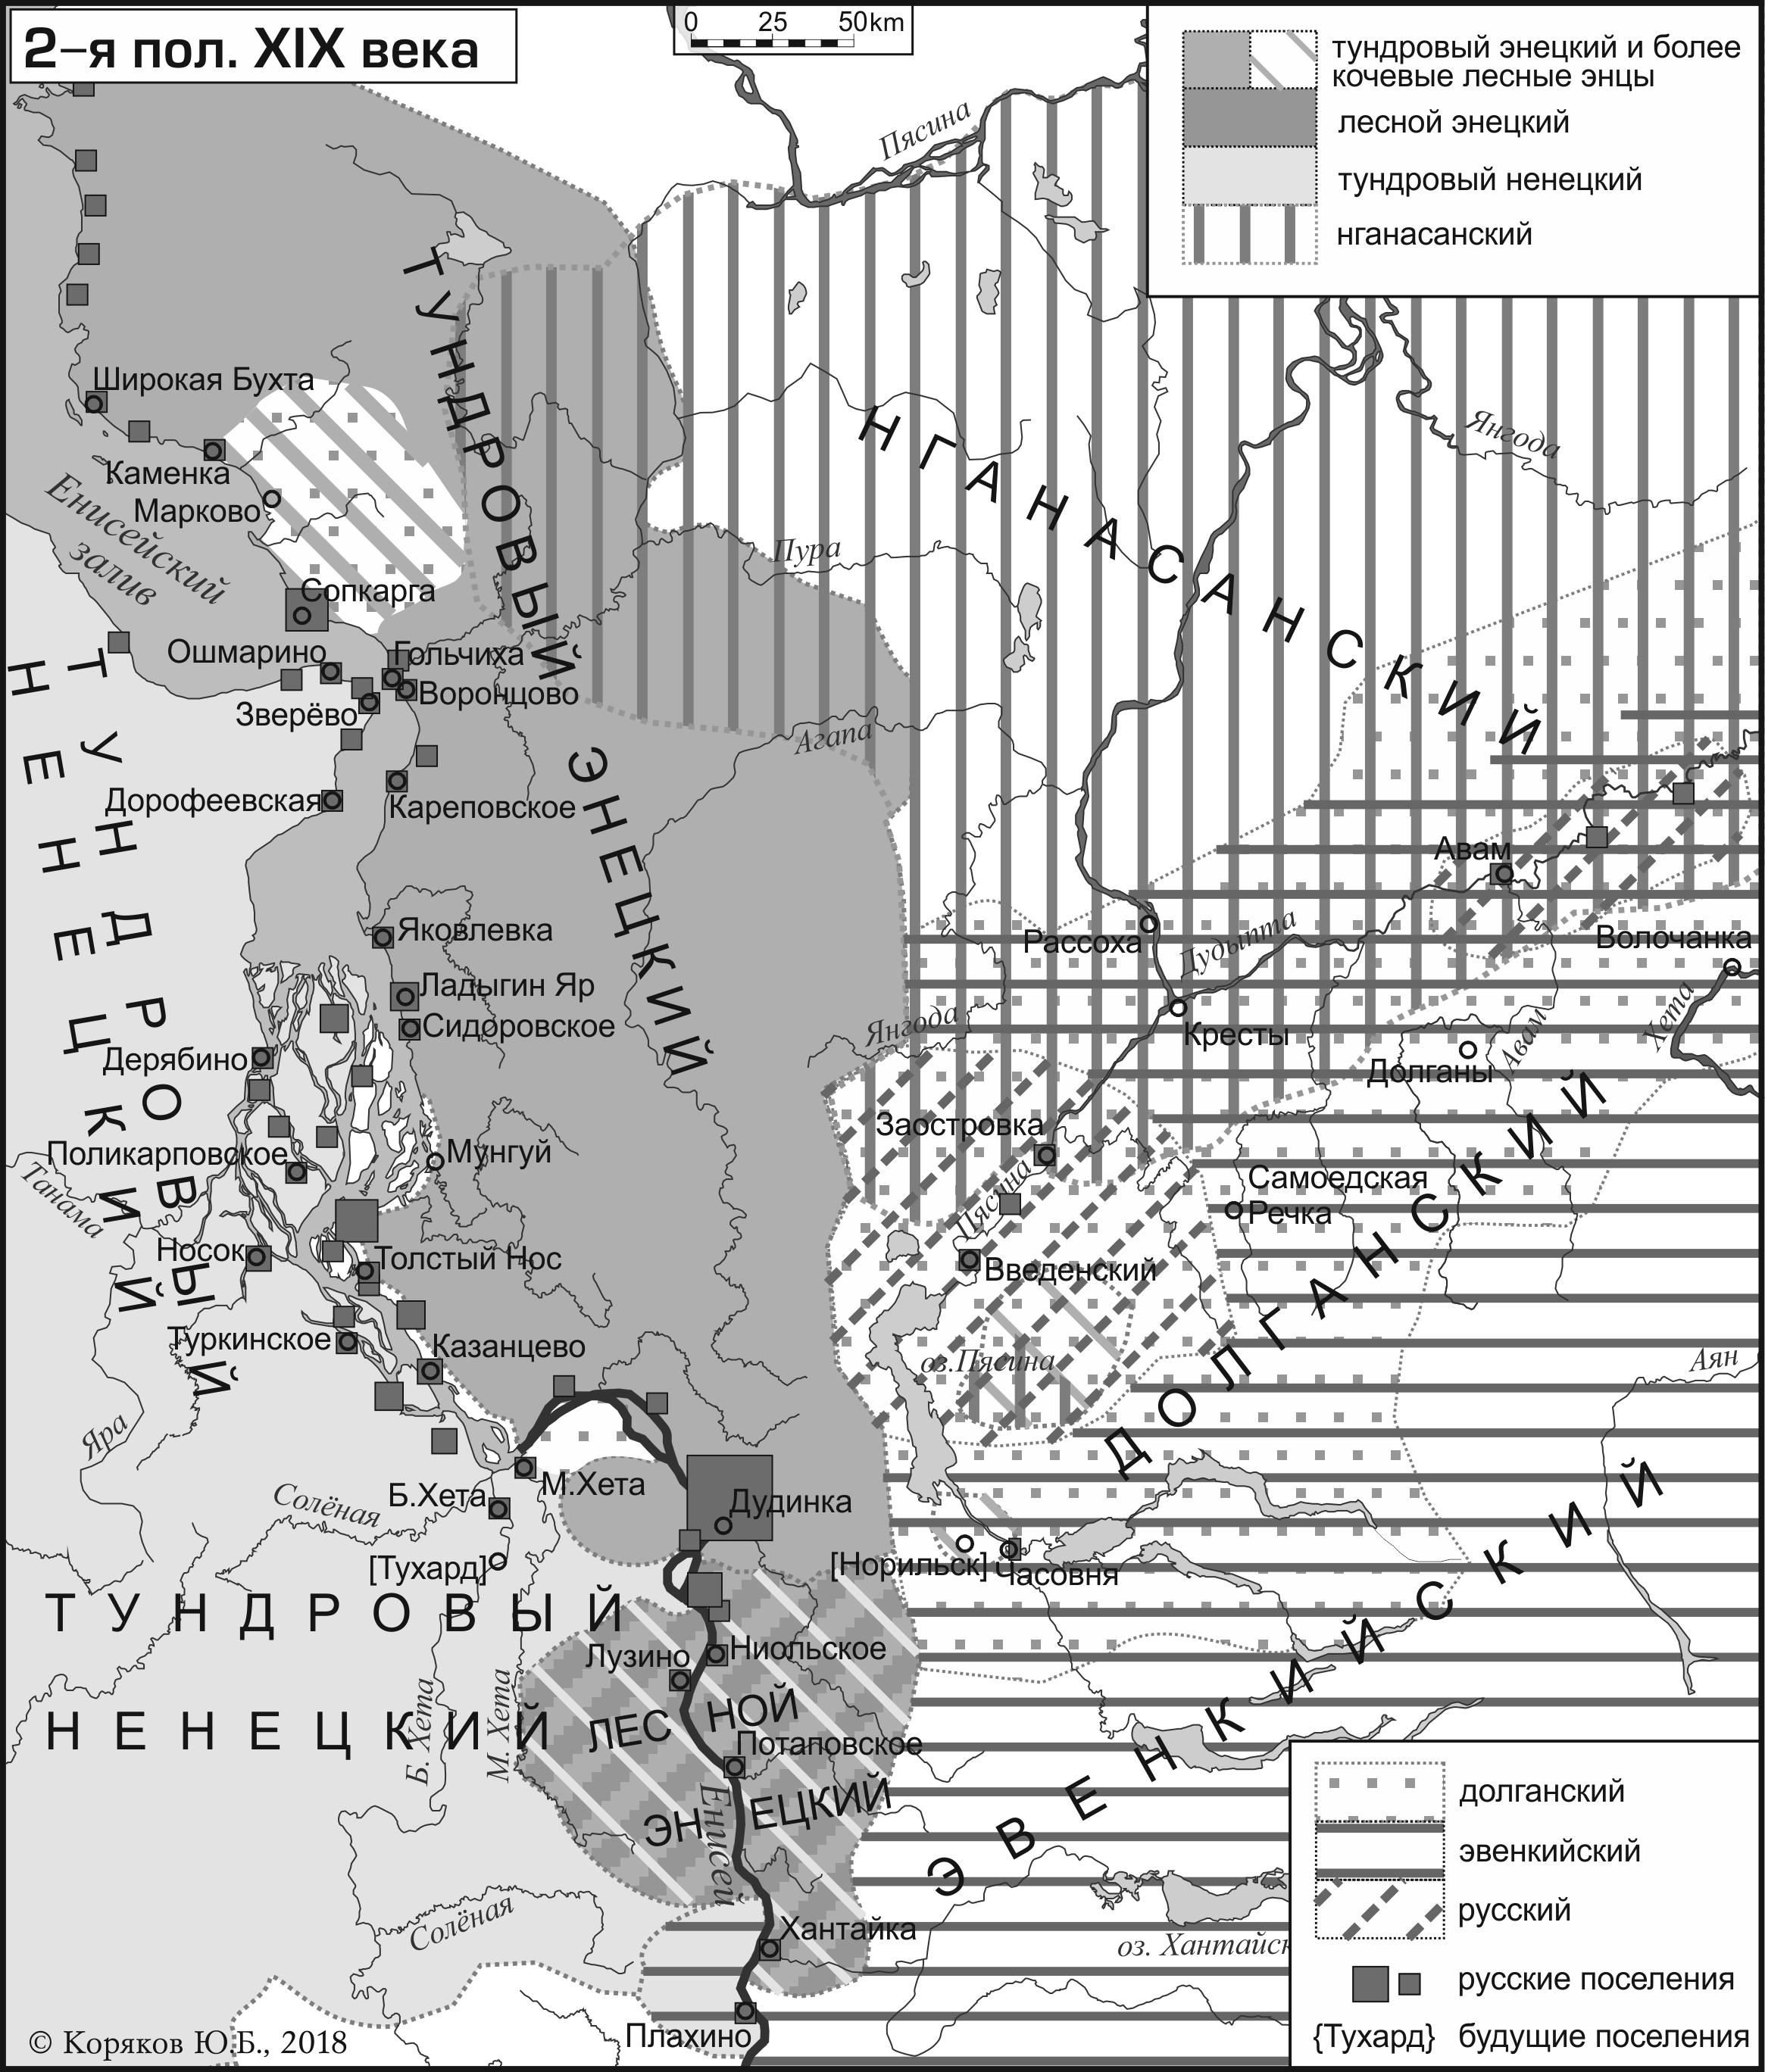 Языки Западного Таймыра (2-я пол. XIX в.); авторы Ю.Б.Коряков, О.В.Ханина